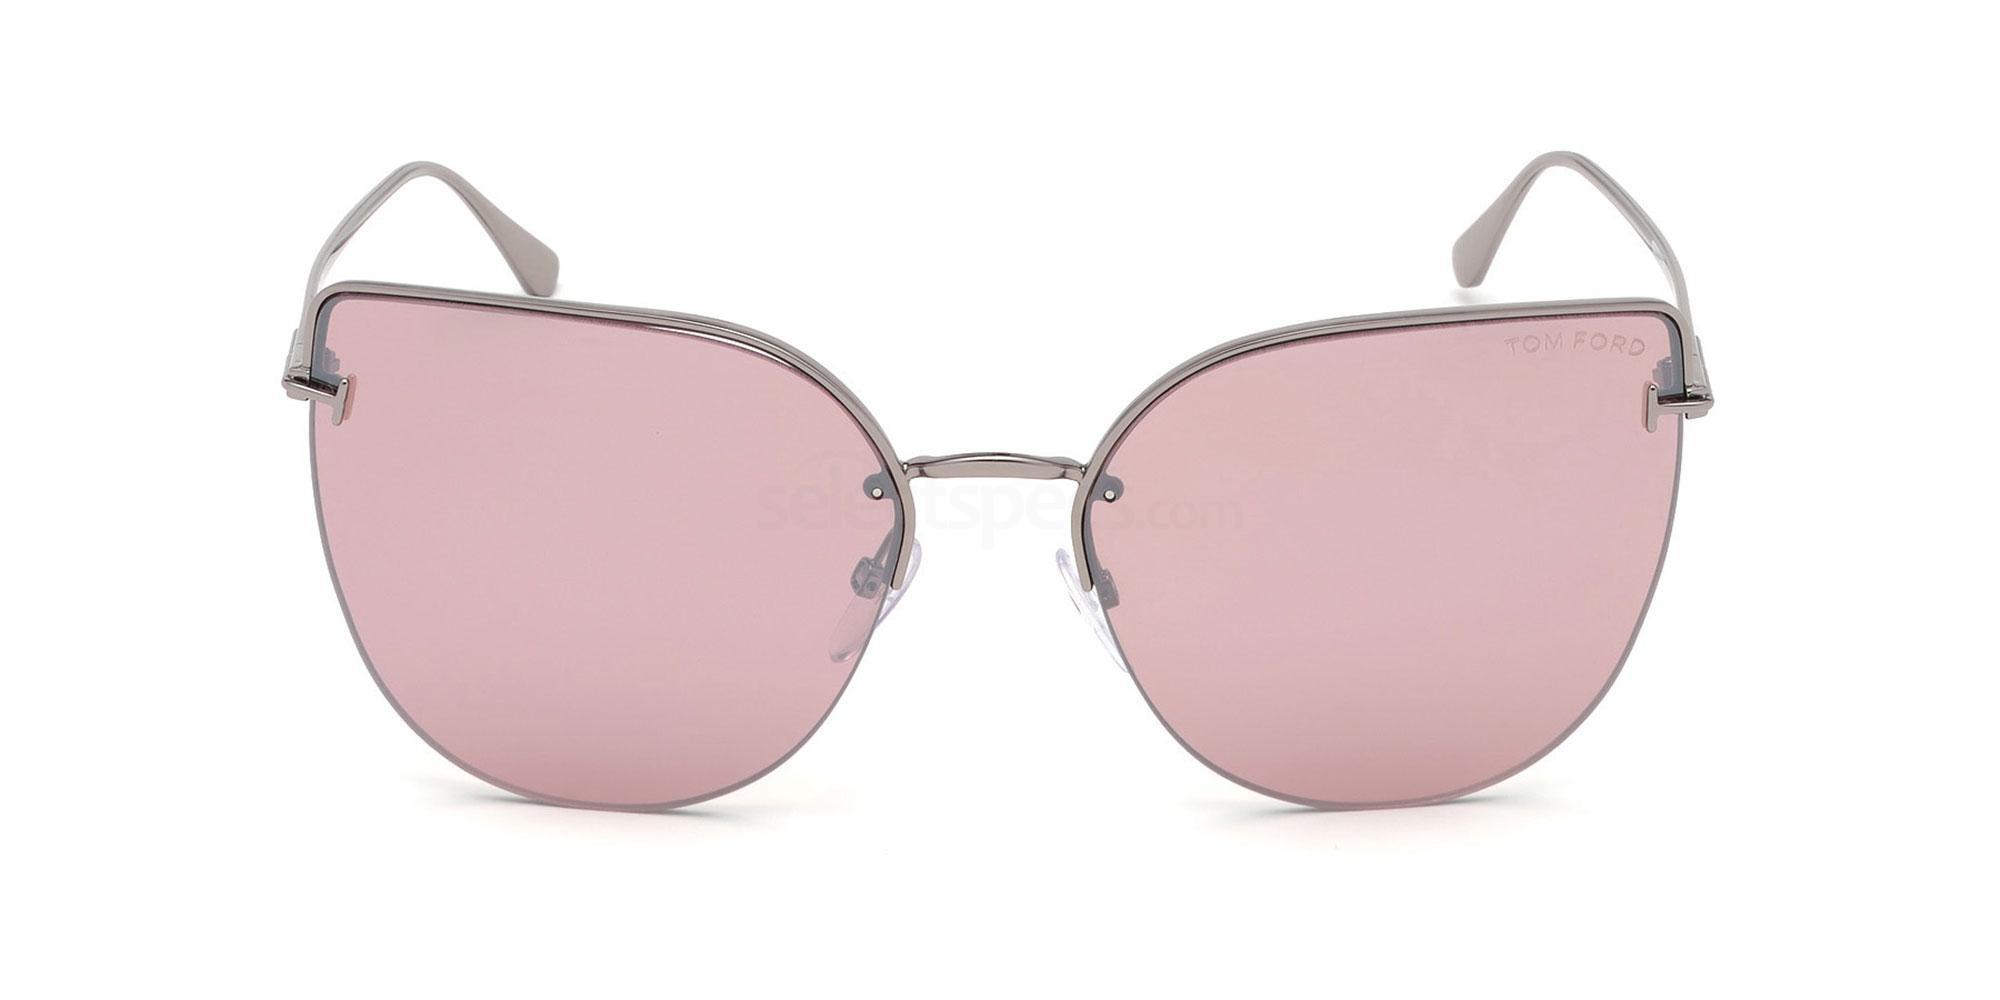 14Z FT0652 Sunglasses, Tom Ford